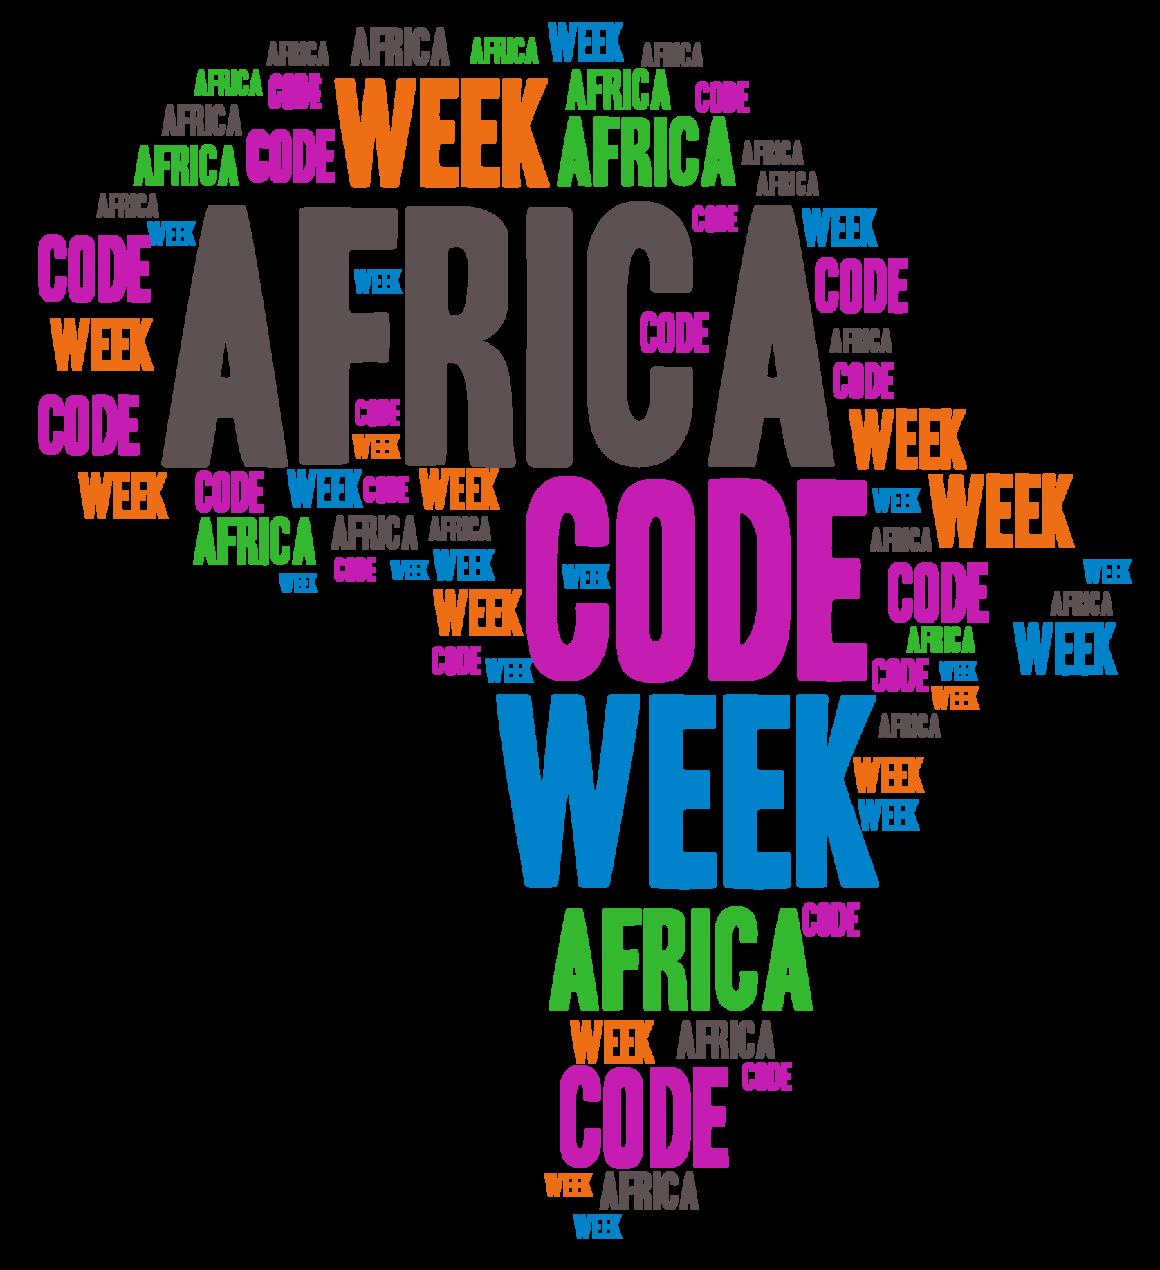 africa-code-week (1)